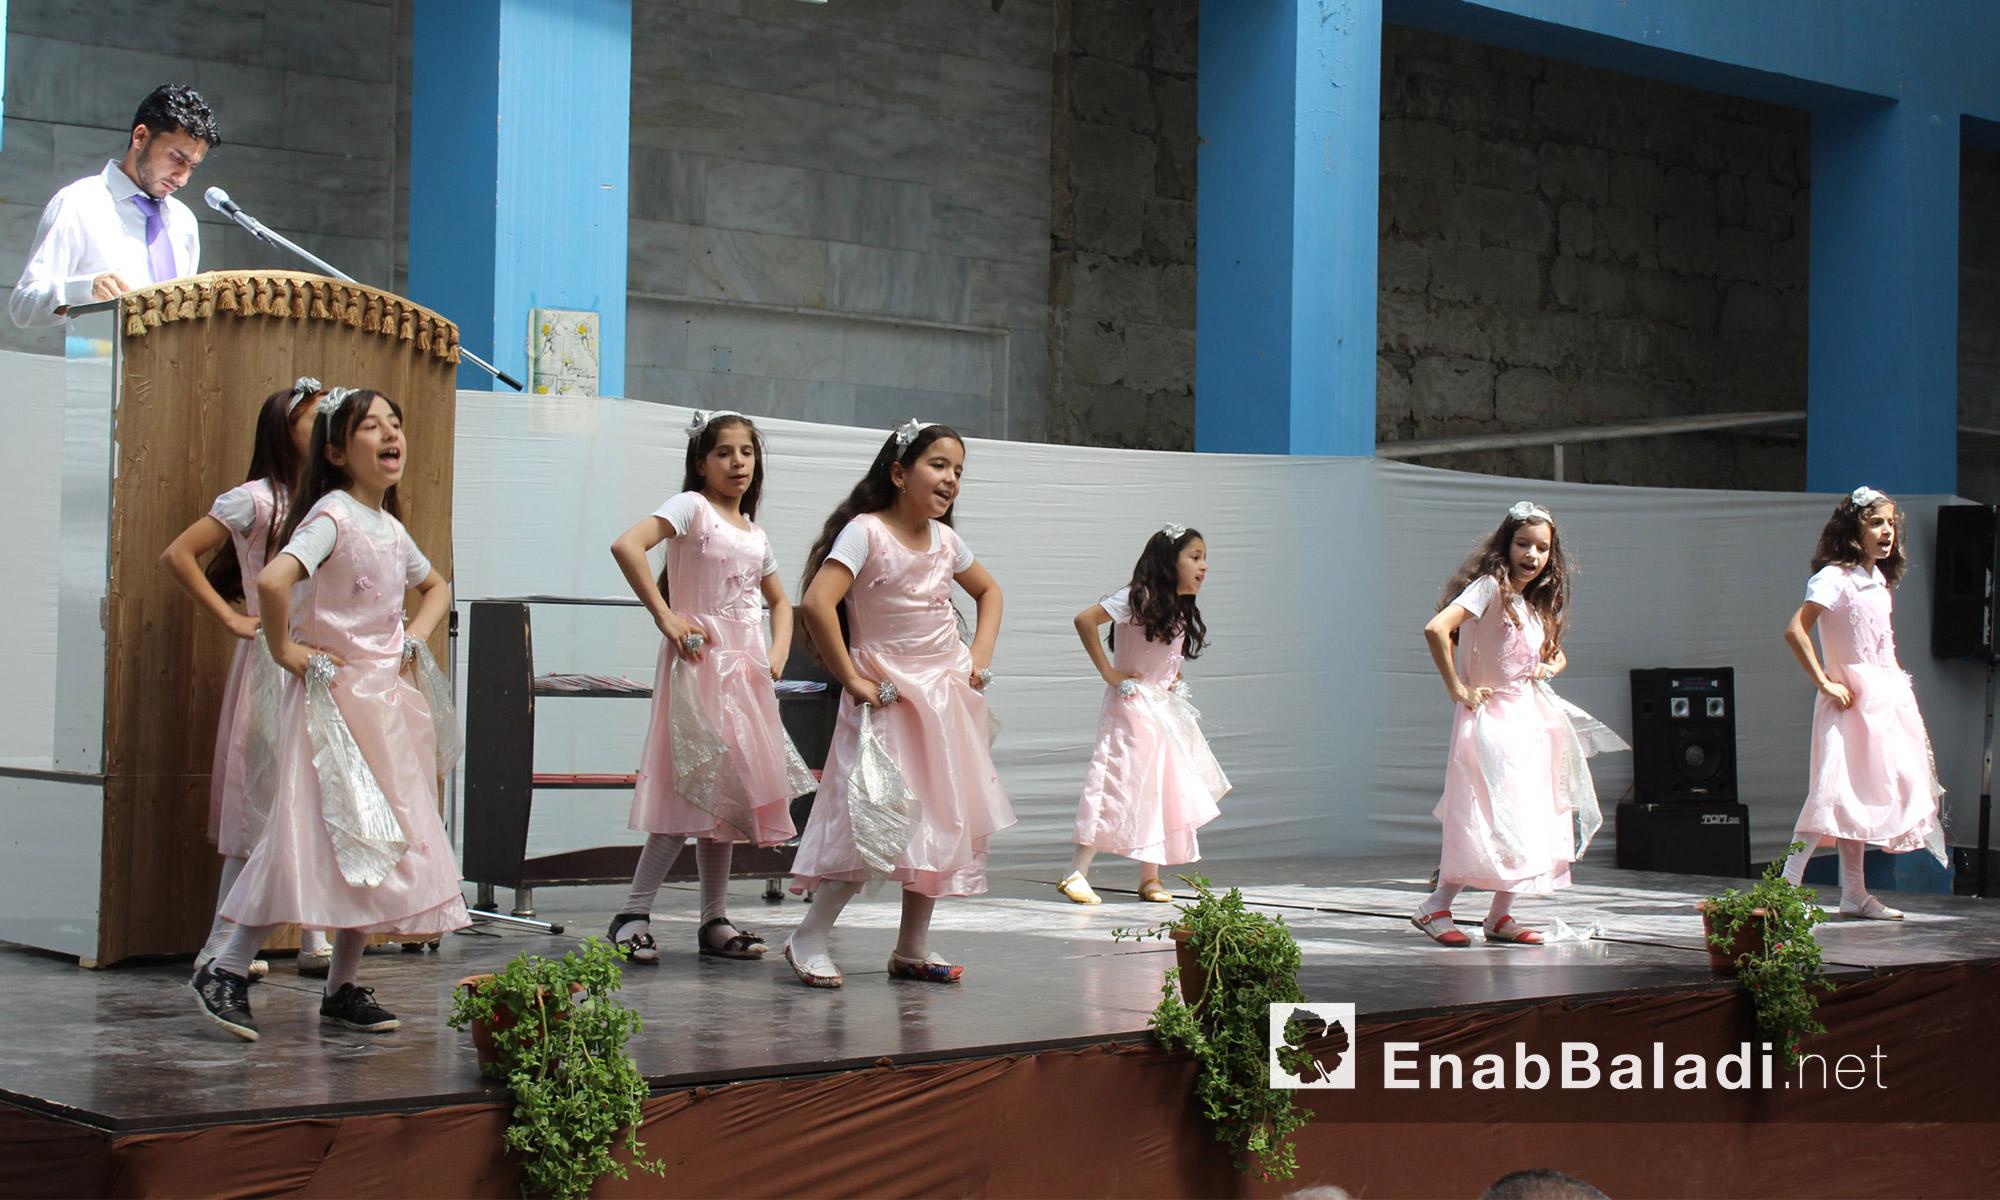 """مشهد راقص لطلاب مجموعة """"علمني"""" التعليمية في حي الوعر المحاصر بحمص - الاثنين 25 تموز (عنب بلدي)"""